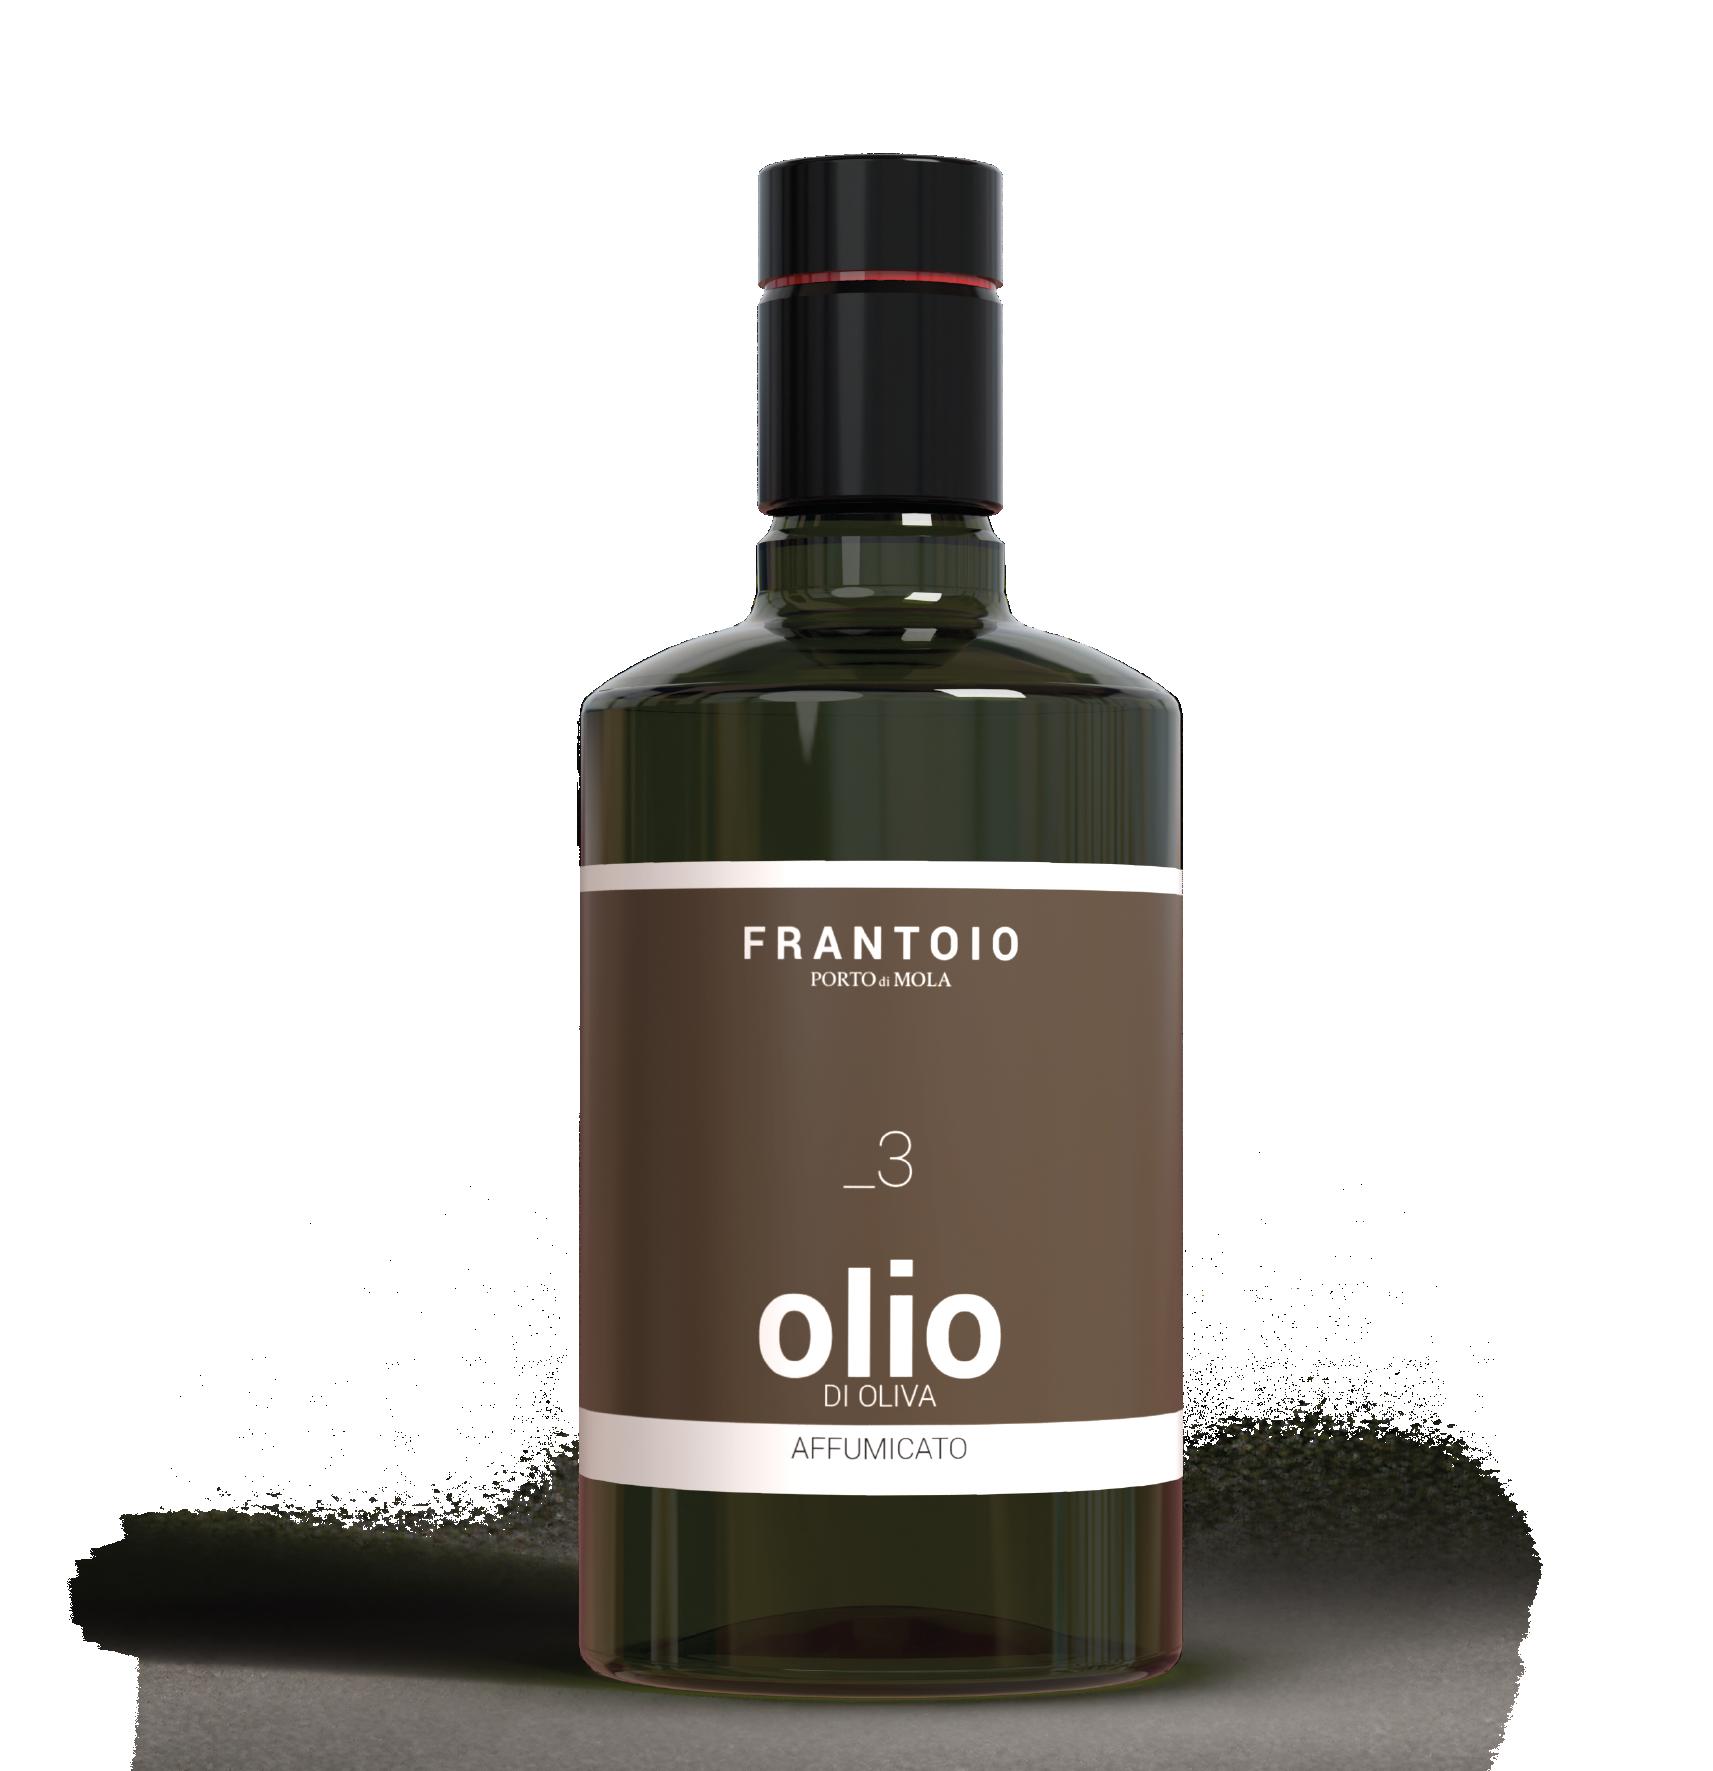 Frantoio Porto Di Mola | Olio Affumicato